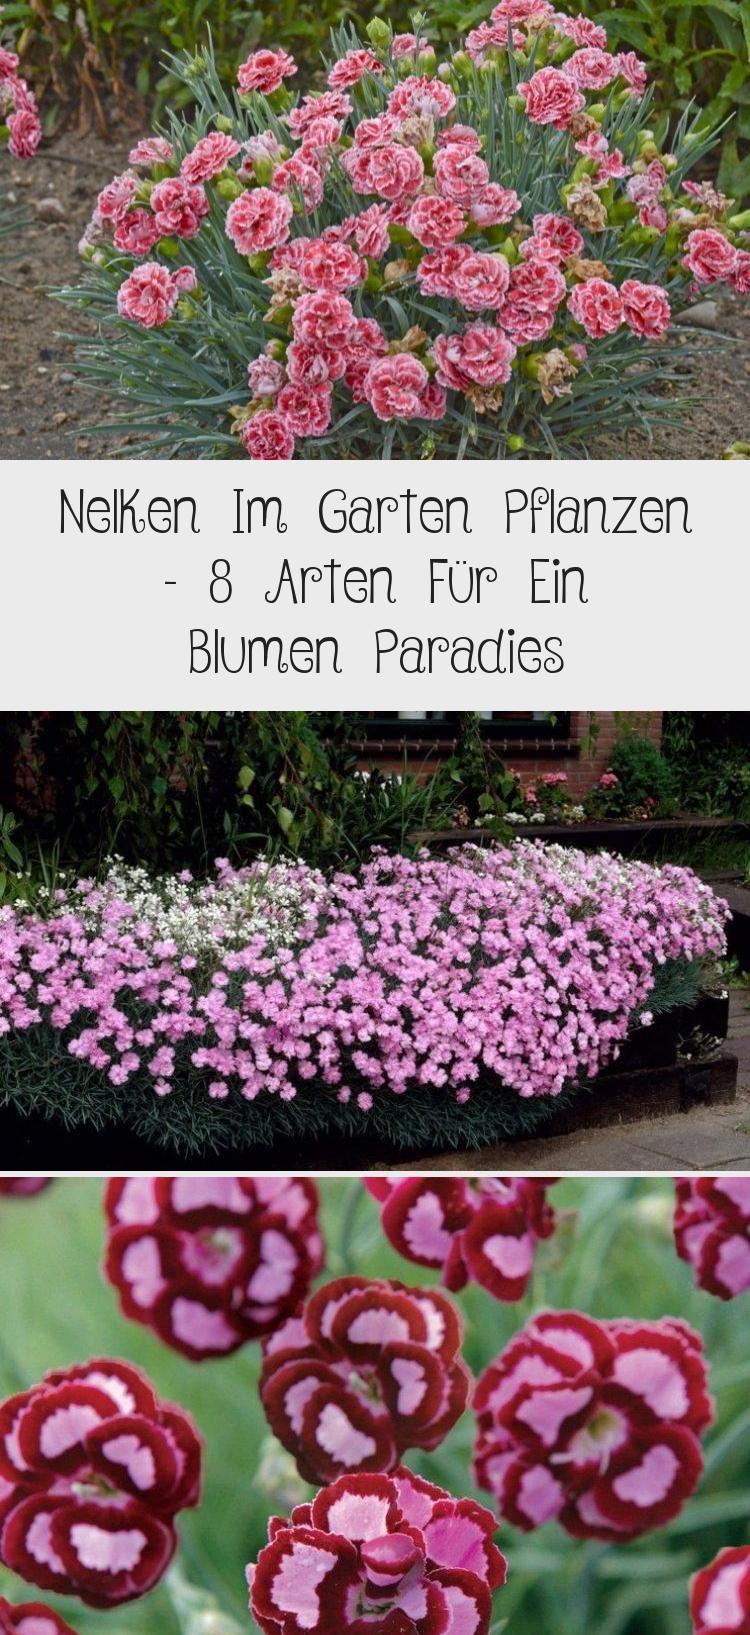 Nelken Im Garten Pflanzen 8 Arten Fur Ein Blumen Paradies Outdoor Decor Outdoor Tango